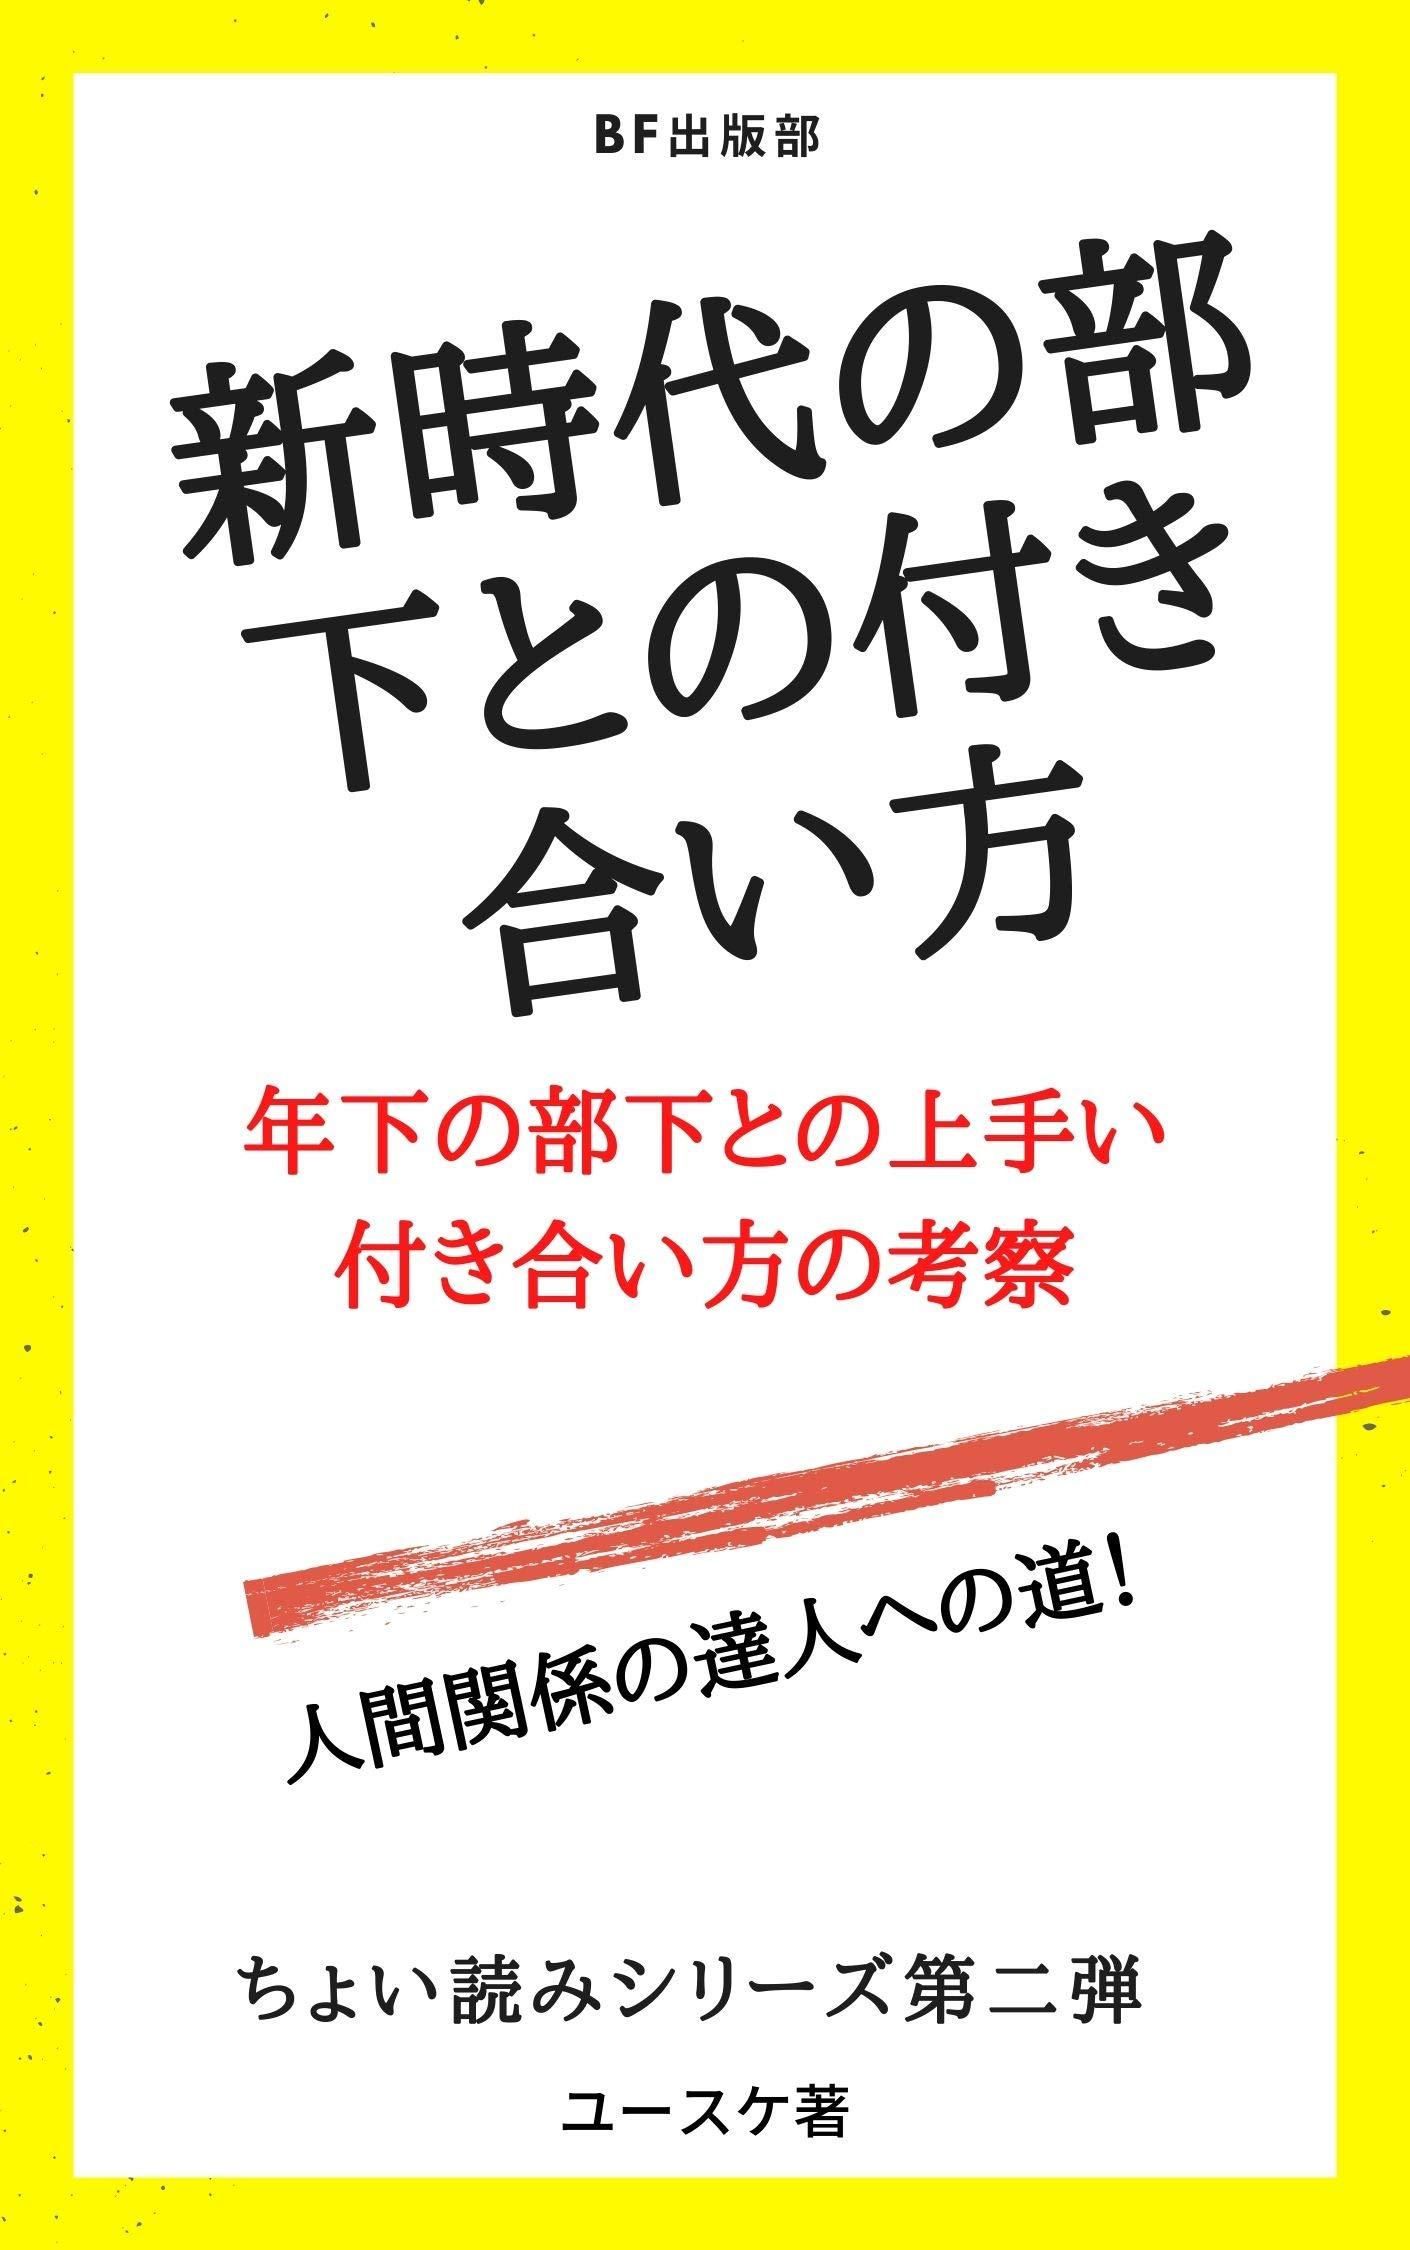 shinjidainobukatonotukiaikata: tosisitanobukatonoumaitukiaikatanokousatu choiyomisirizu (bfshupanbu) (Japanese Edition)